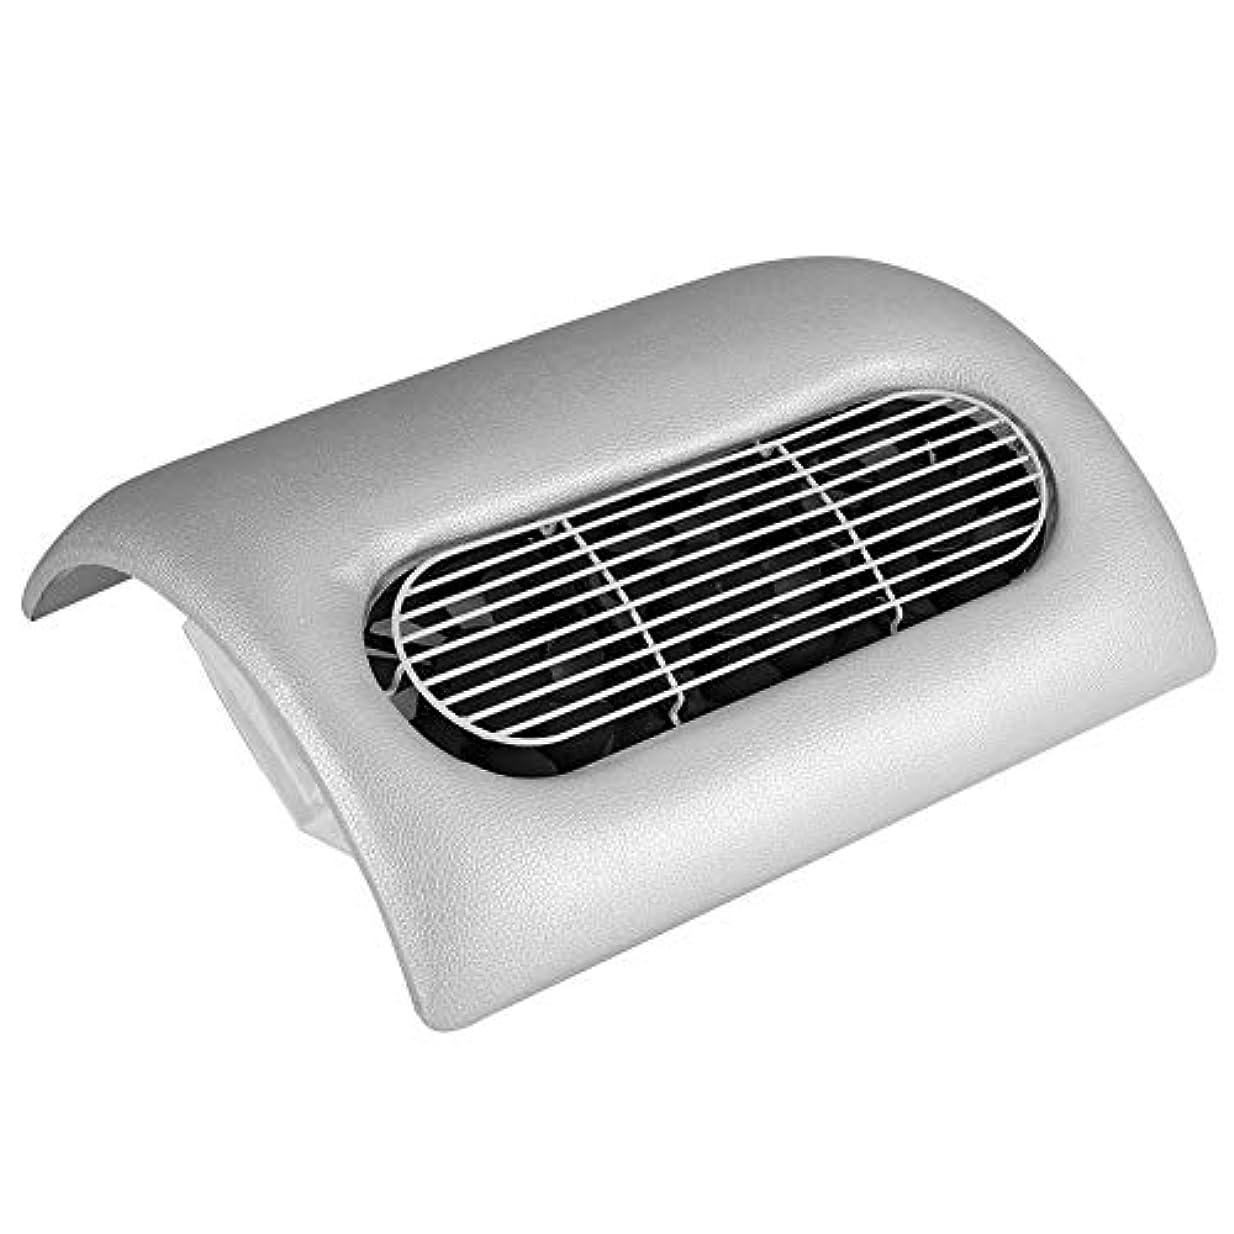 ホイールバーストビスケットネイルダスト掃除機,ネイルダストクリーナー3色ー2-IN-1強力なネイルアート集塵機コレクターマニキュア掃除機 (Silver)